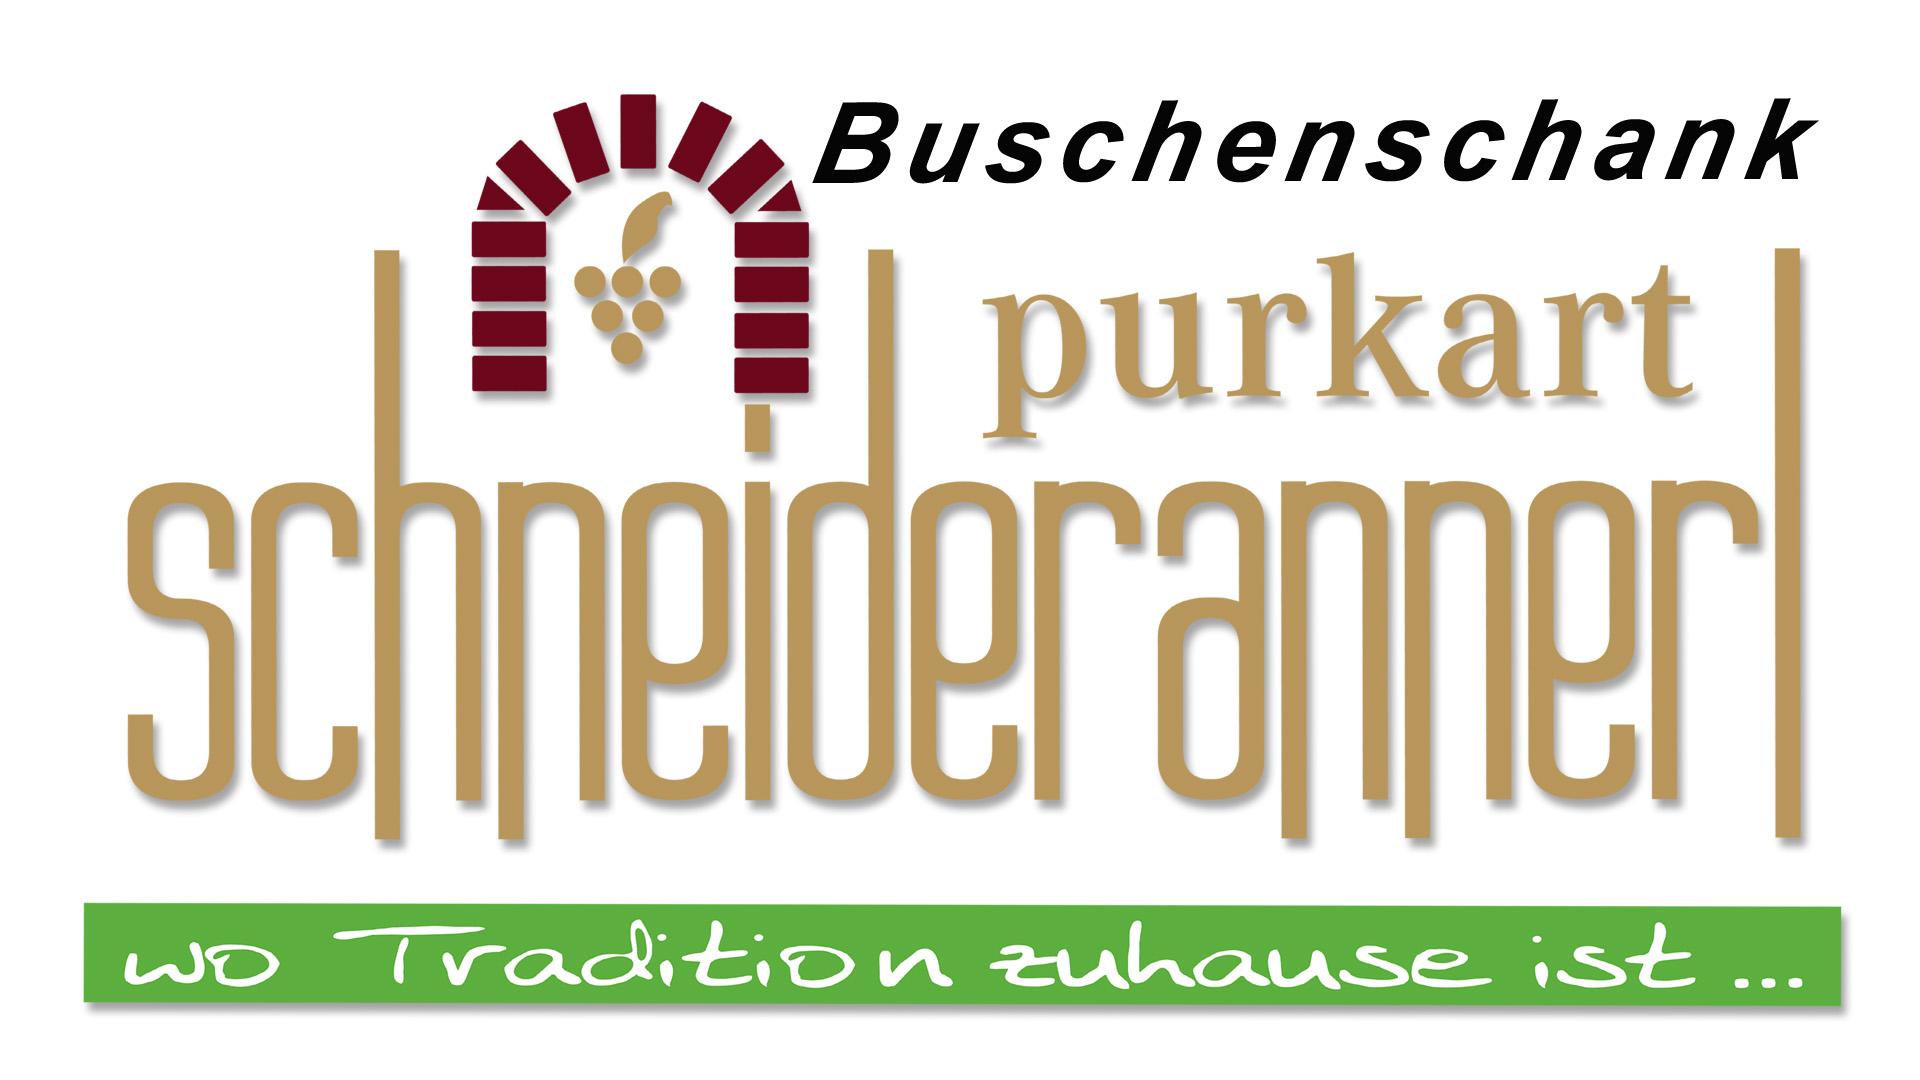 Schneiderannerl